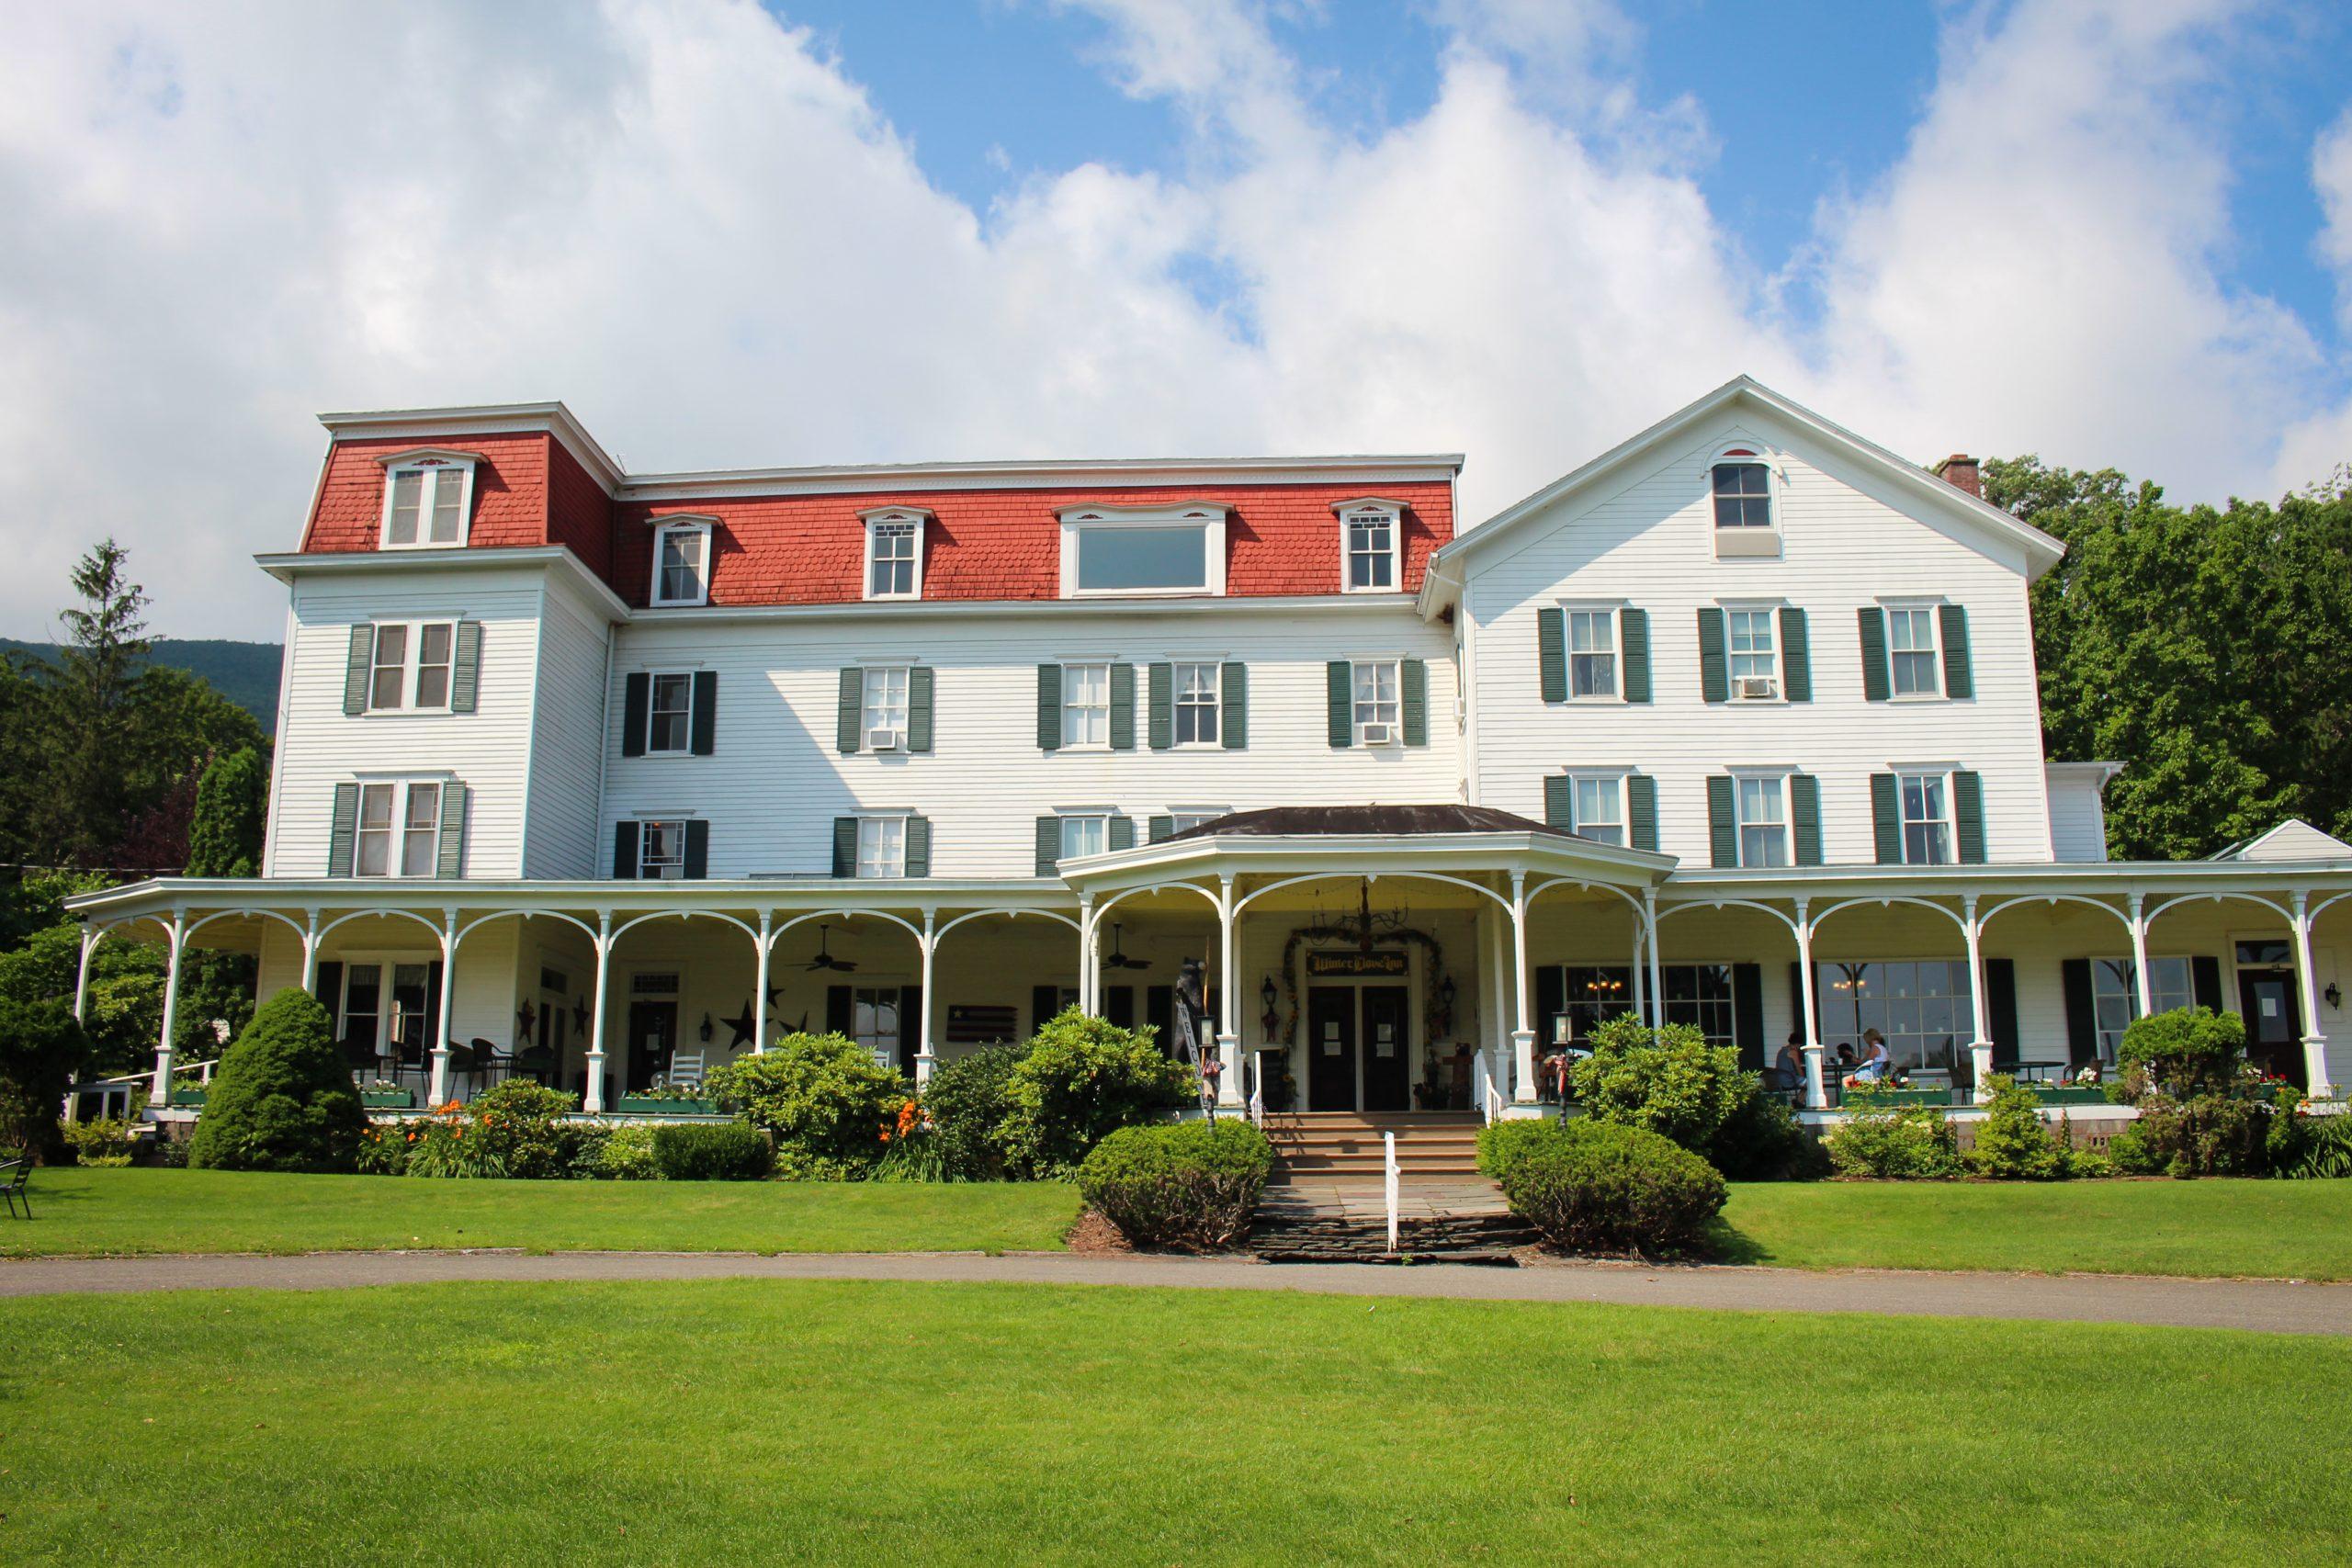 Winter Clove Inn & Resort